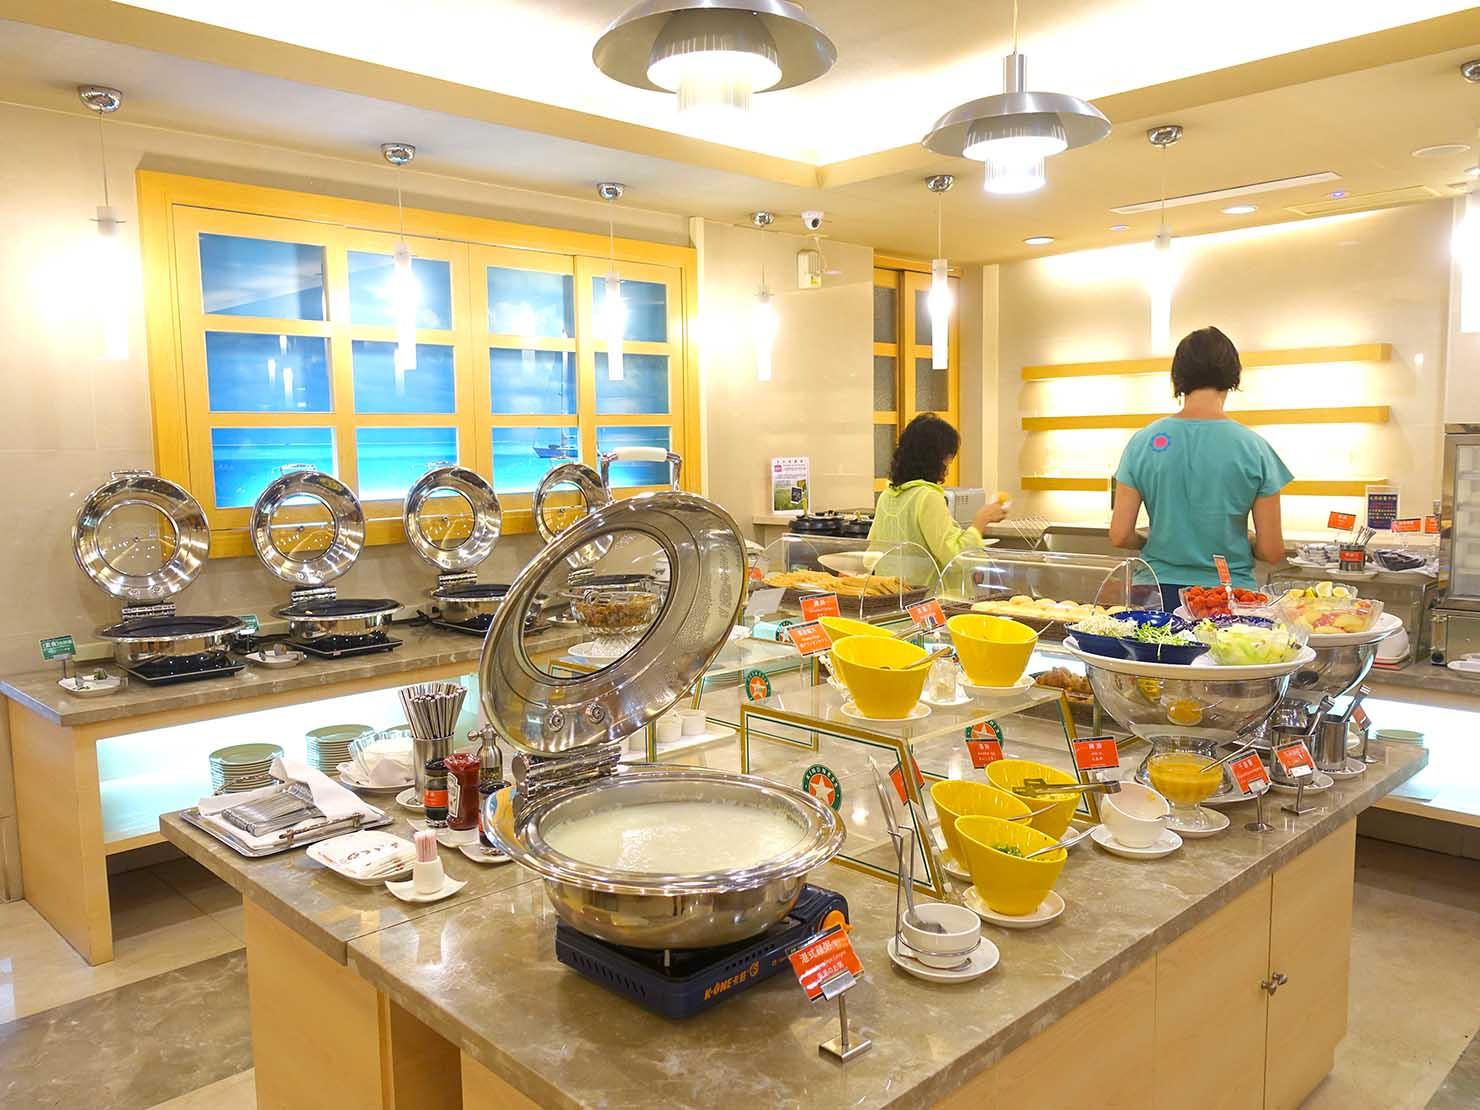 高雄のおすすめチェーンホテル「康橋商旅 Kindness Hotel(漢神館)」朝食のビュッフェコーナー